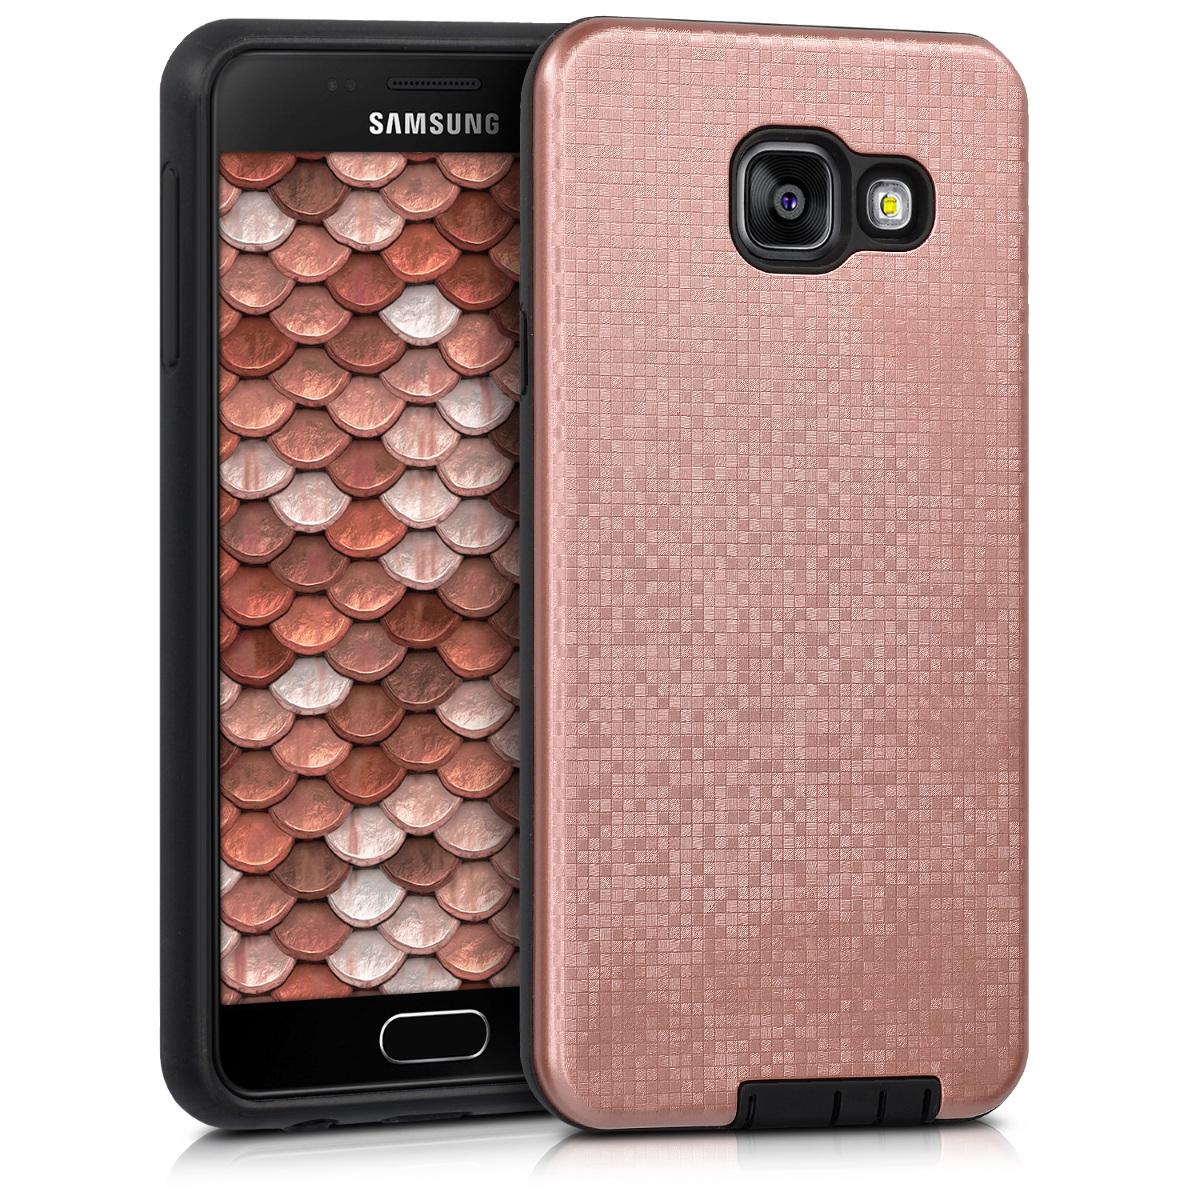 Kvalitní plastové pouzdro pro Samsung A3 (2016) - Hybrid Pattern starorůžové rosegold / černé